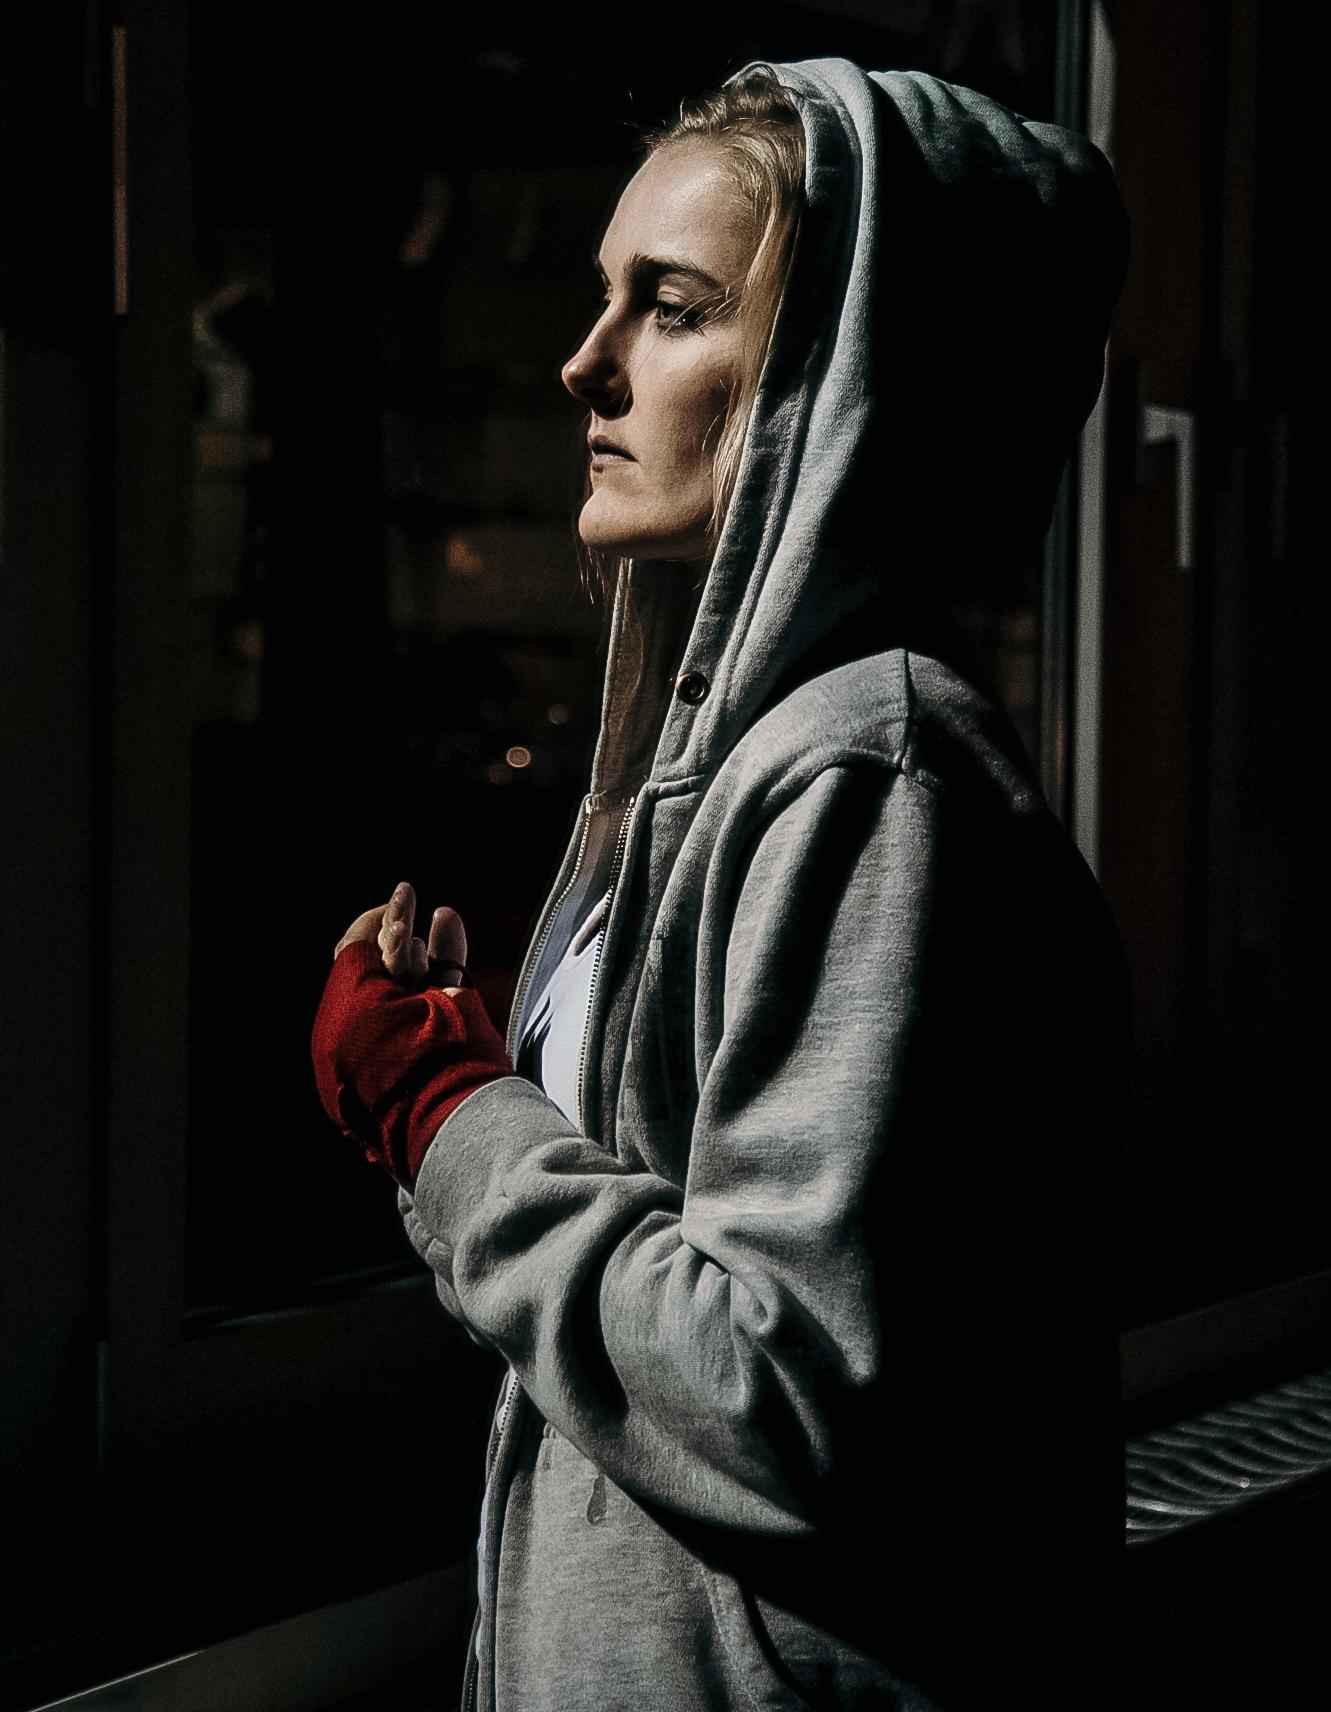 Ansgar Dlugos Fotografie Kickboxerin